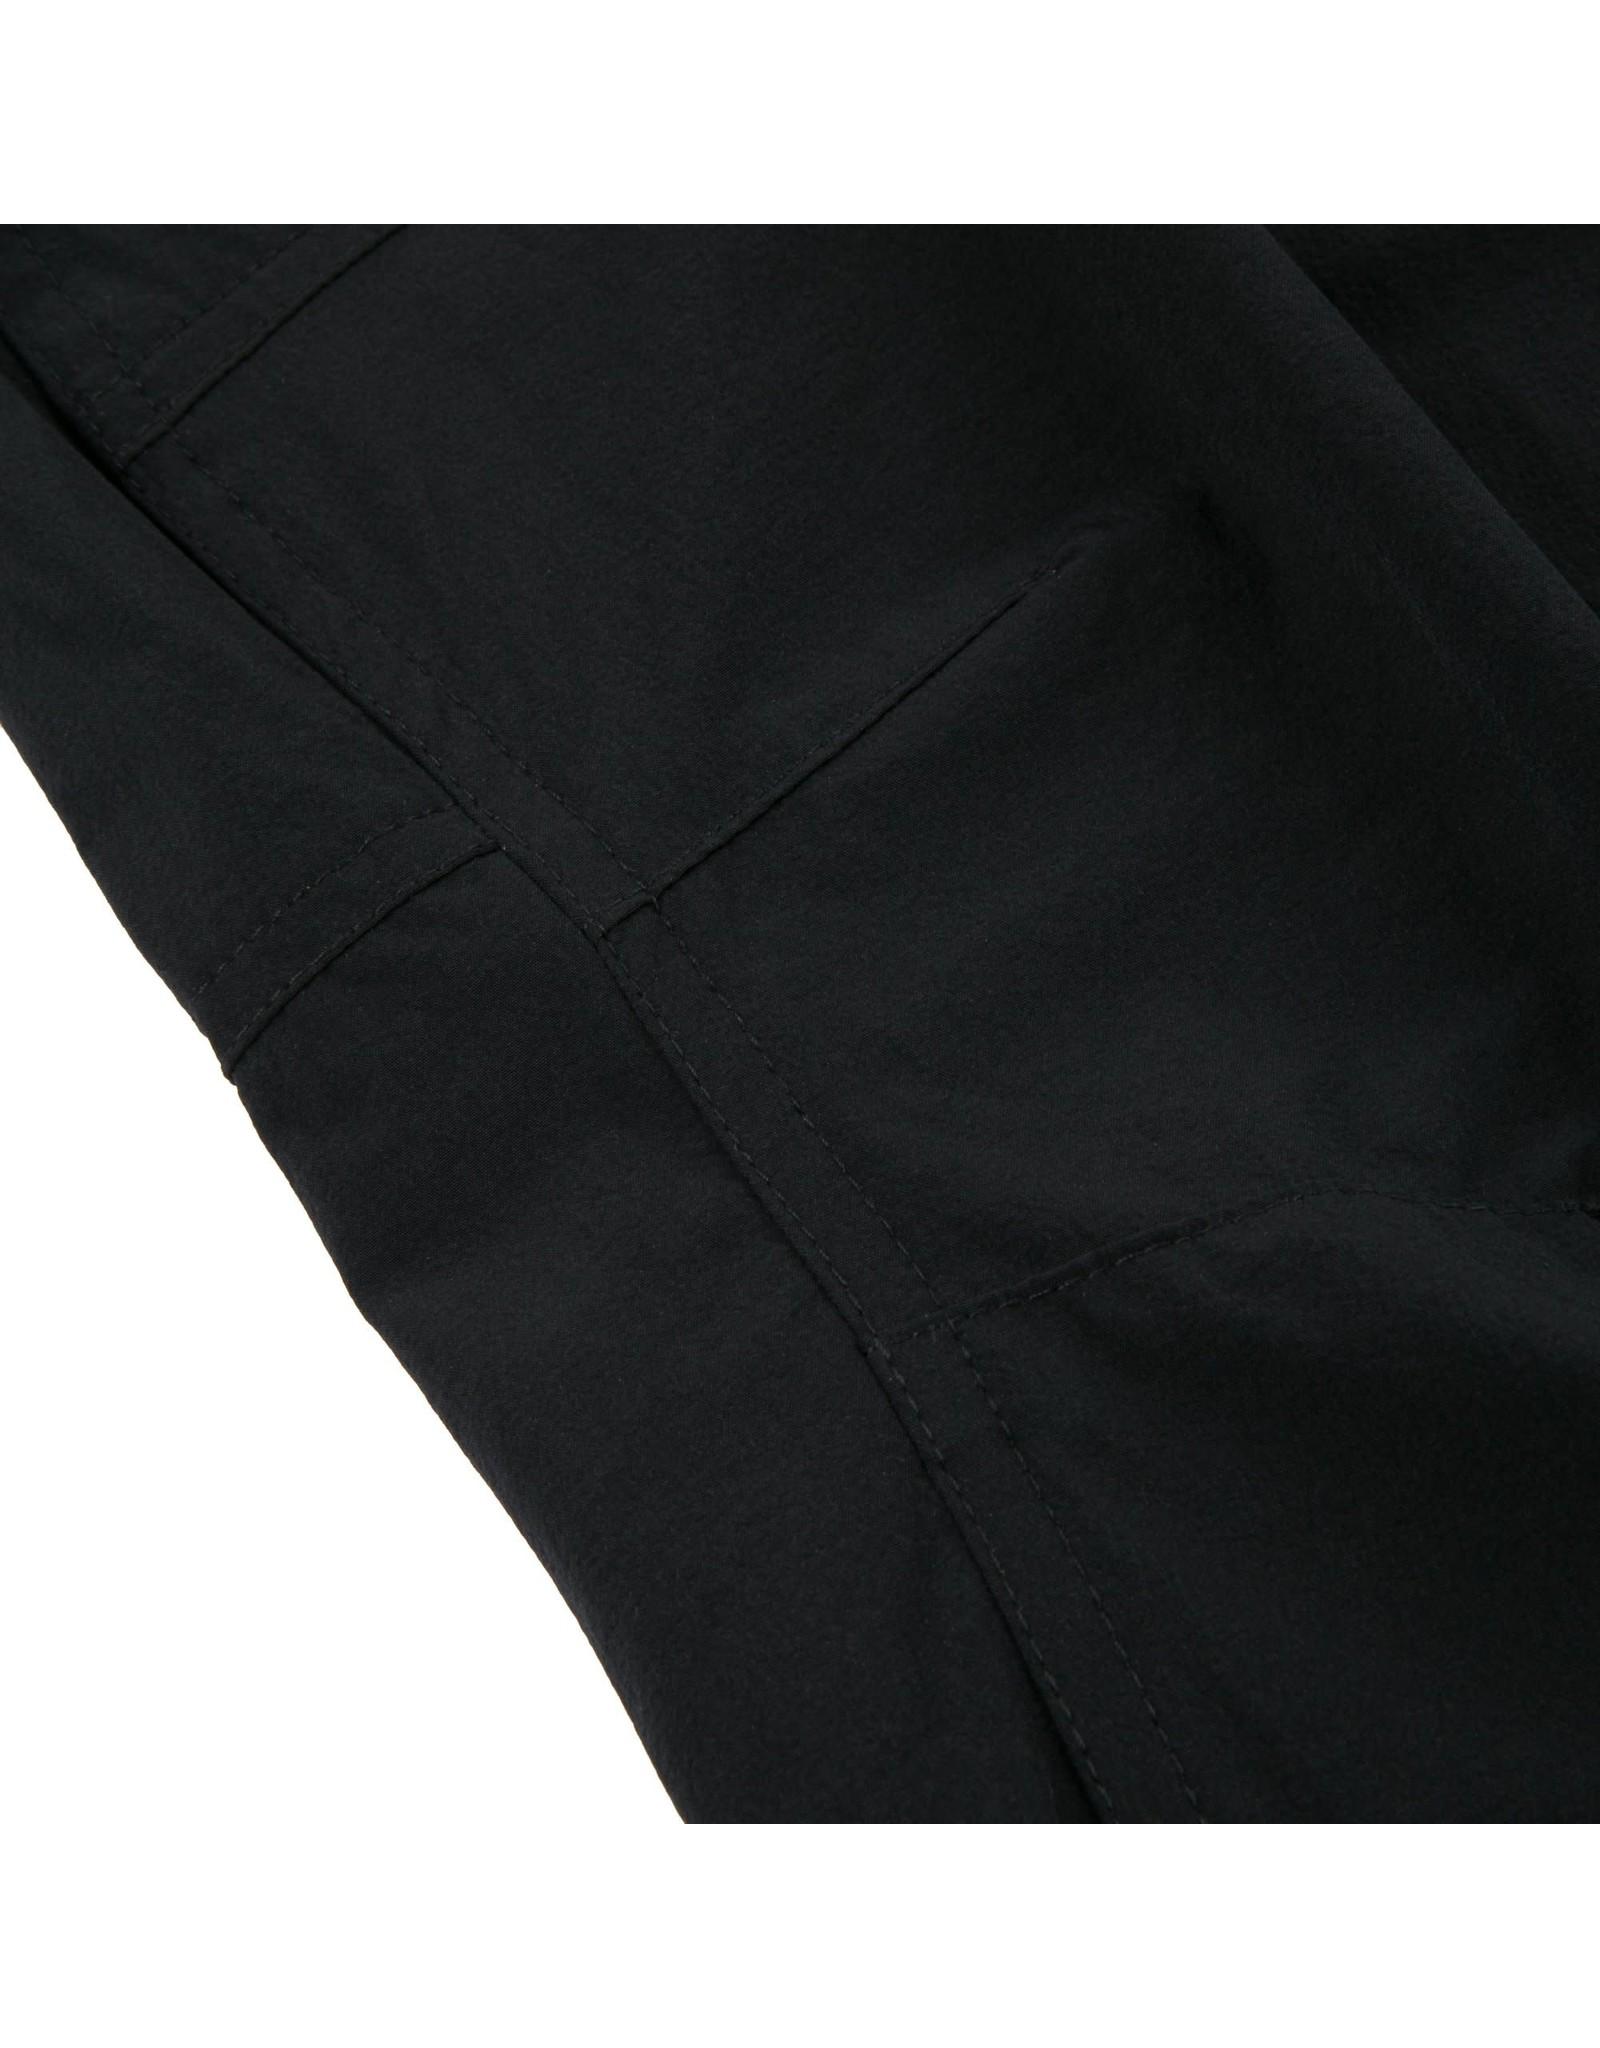 Dime Range Pants - Black